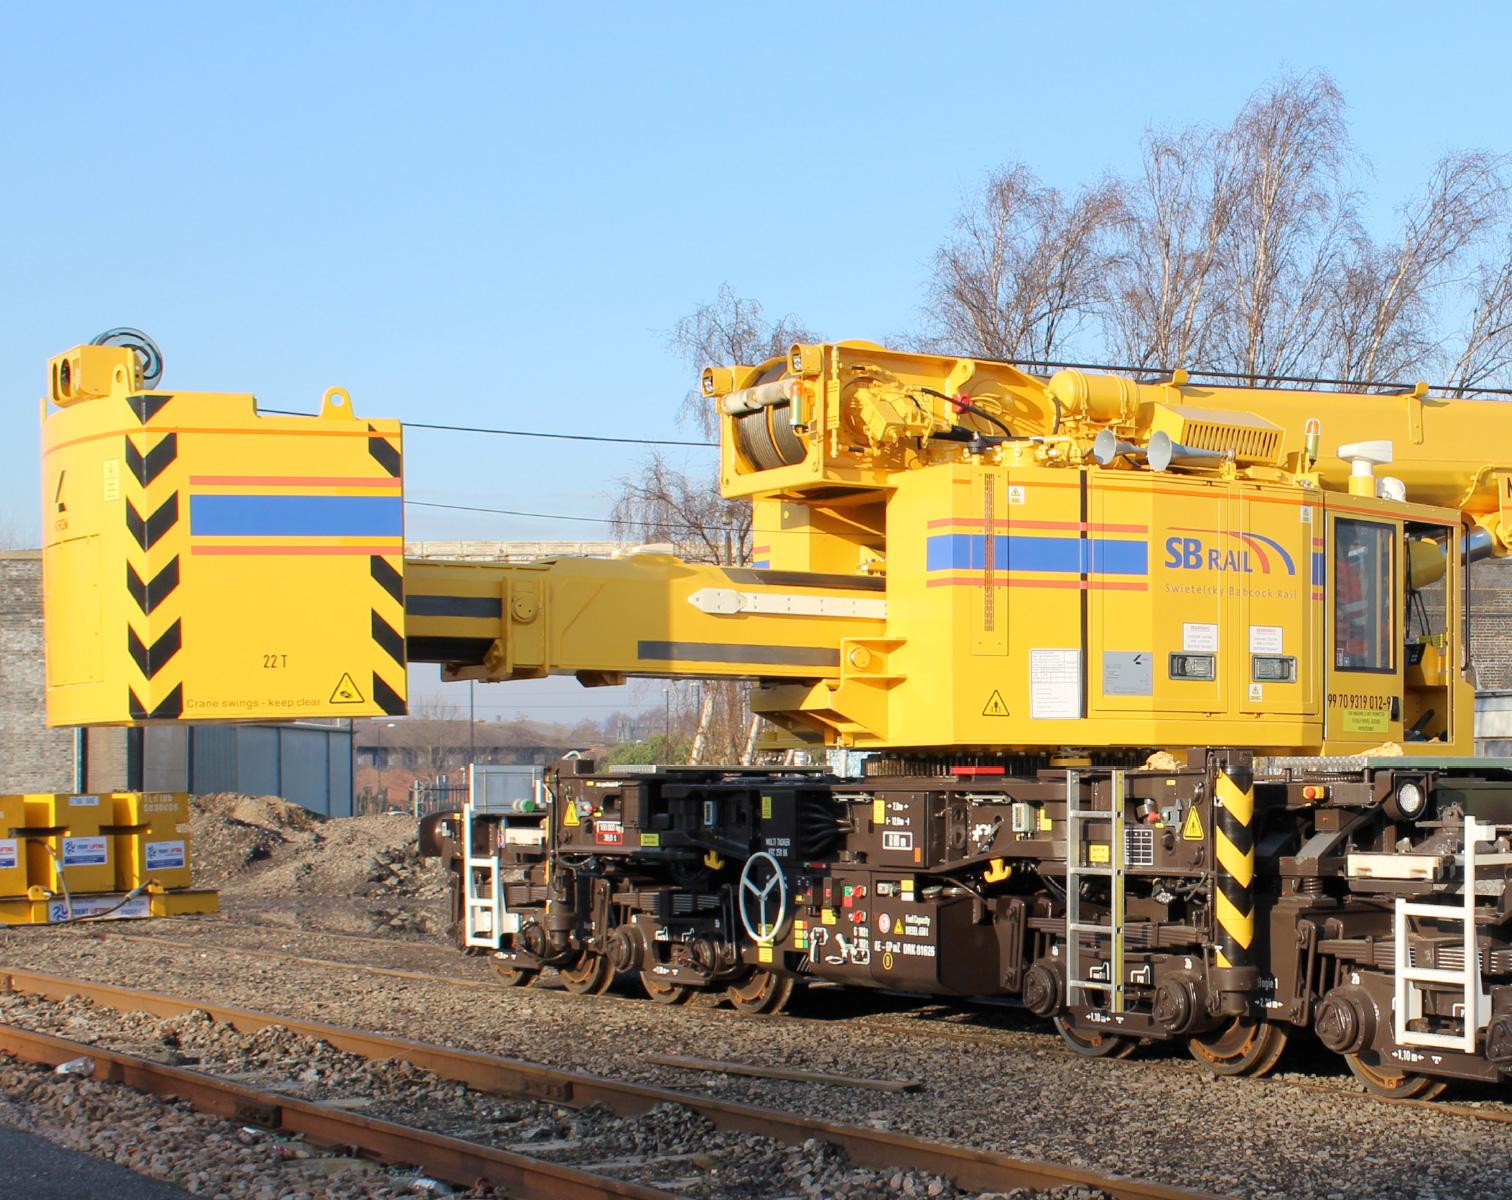 Kirow Krc 250 Uk Extending Counterweight Sb Rail